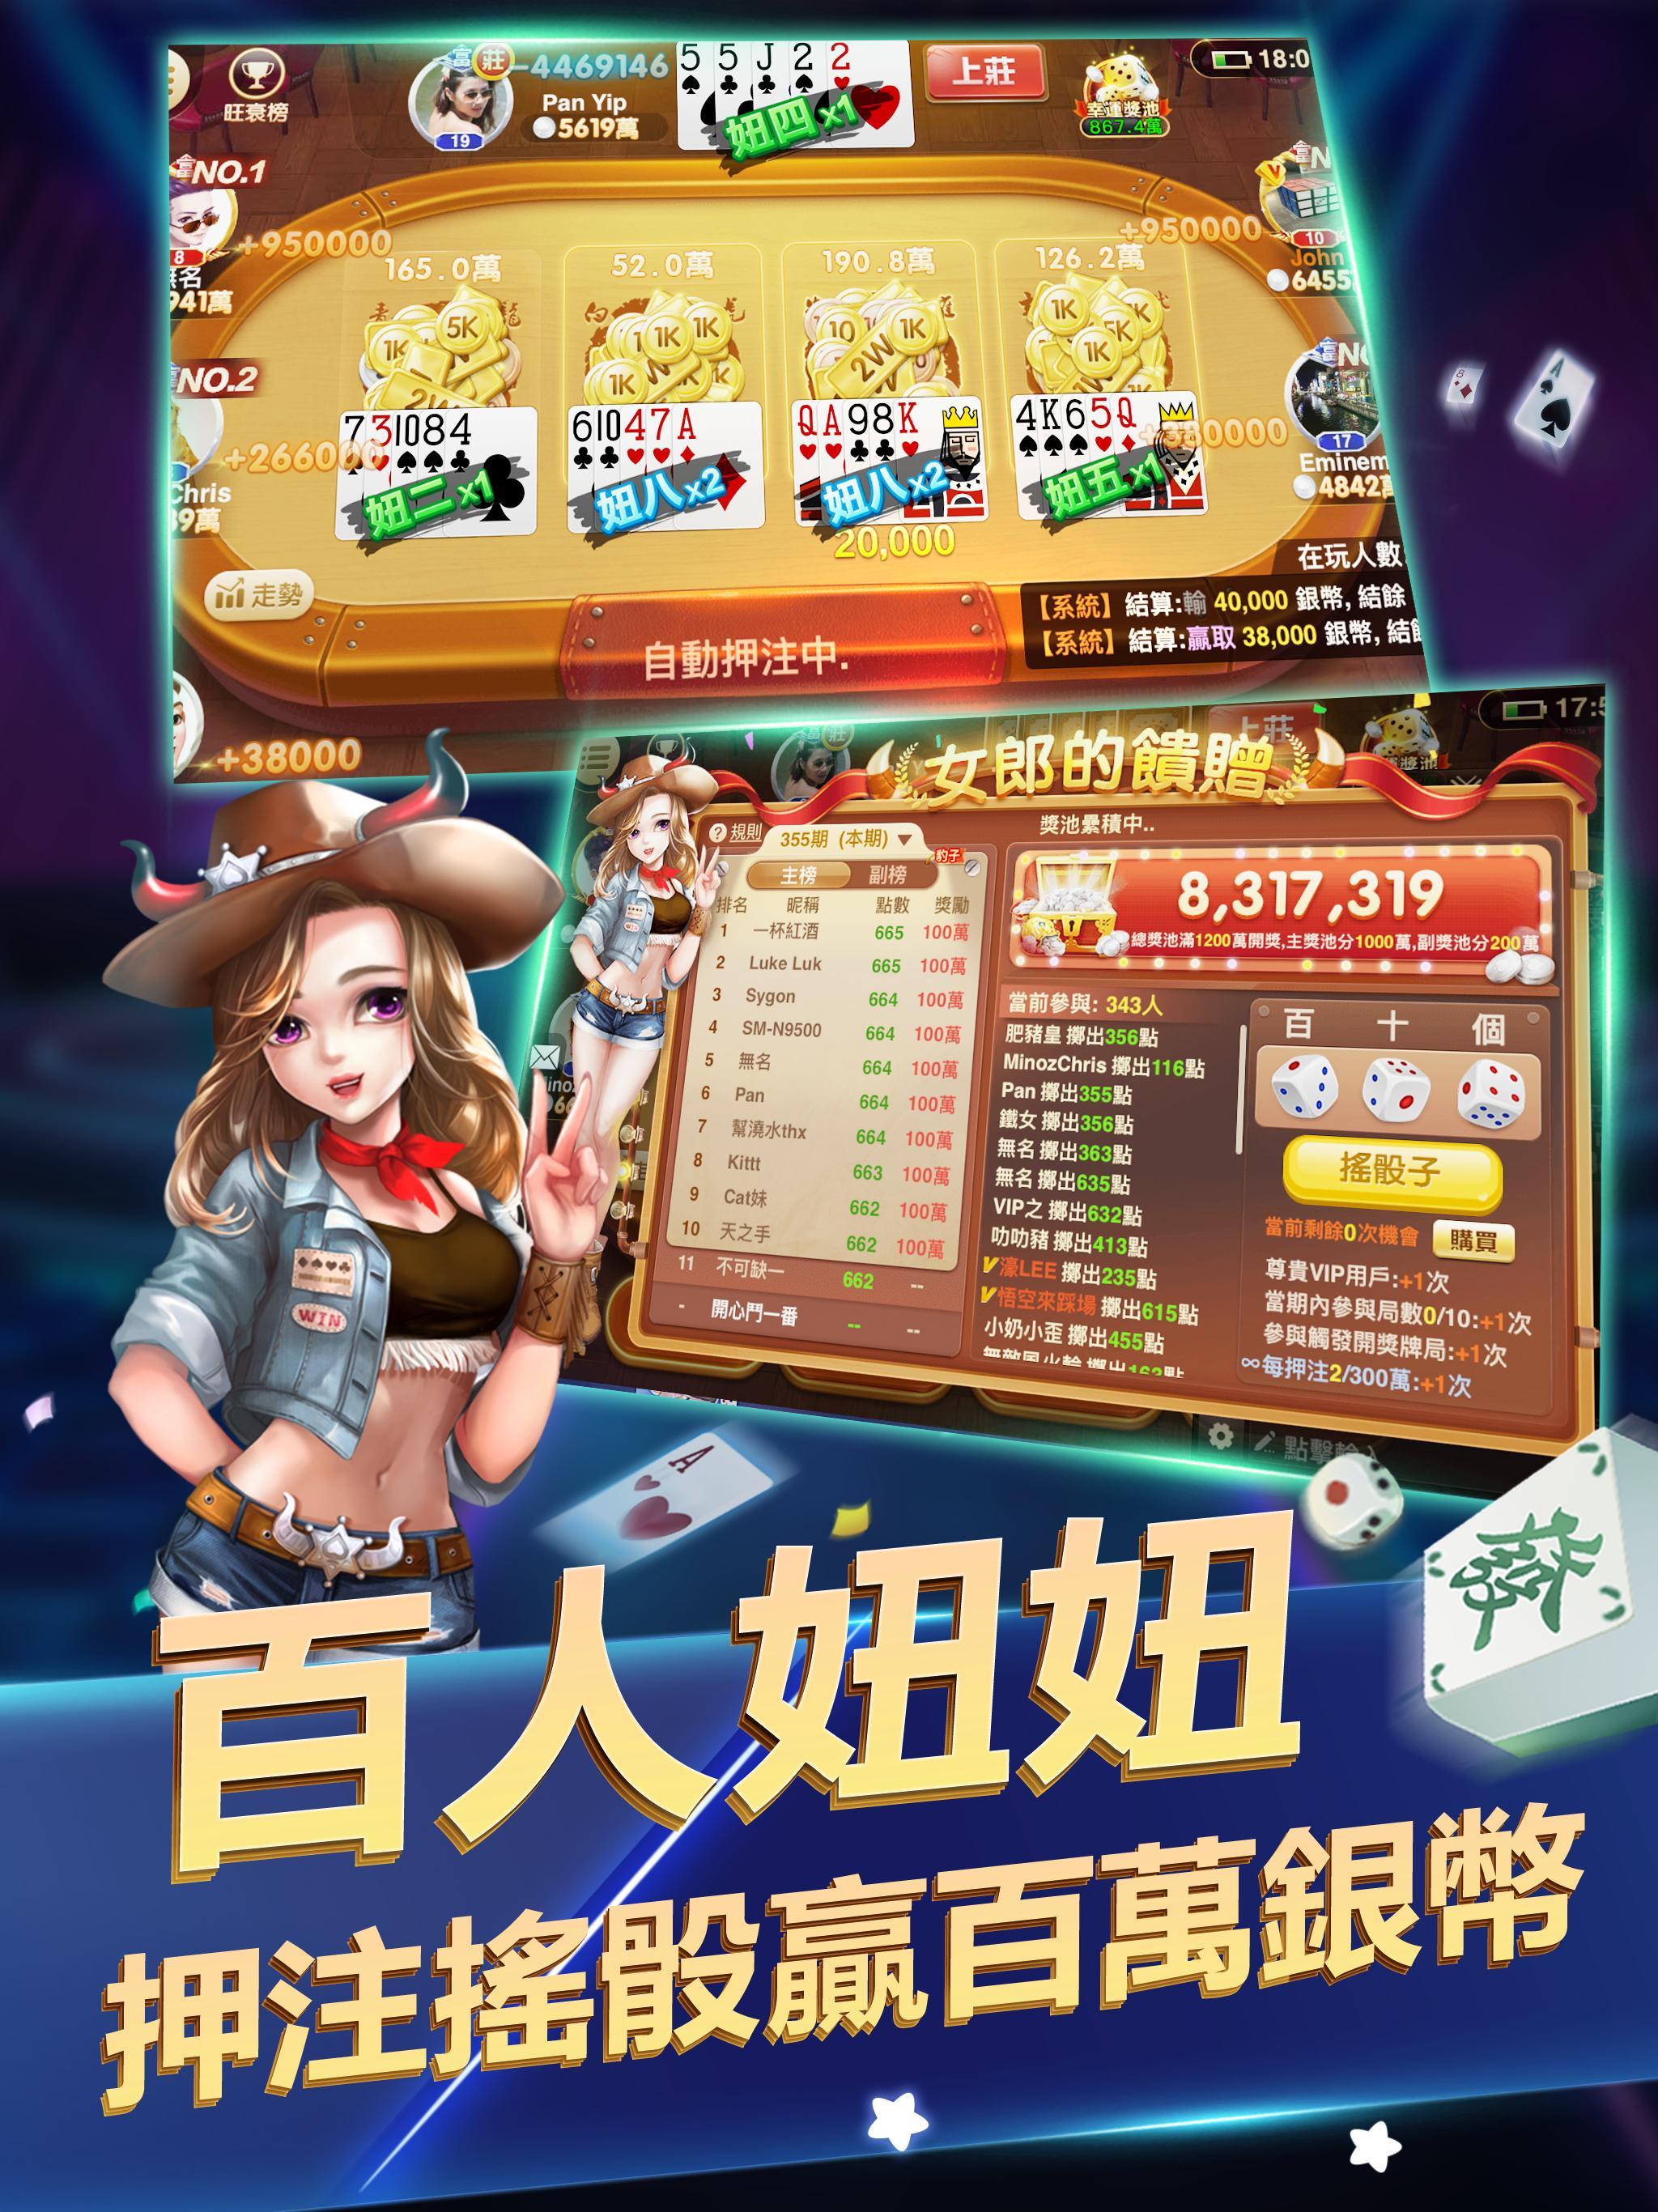 開心鬥一番 港式麻雀 跑馬仔 鋤大D等5 IN 1 3.6.4 Screenshot 6